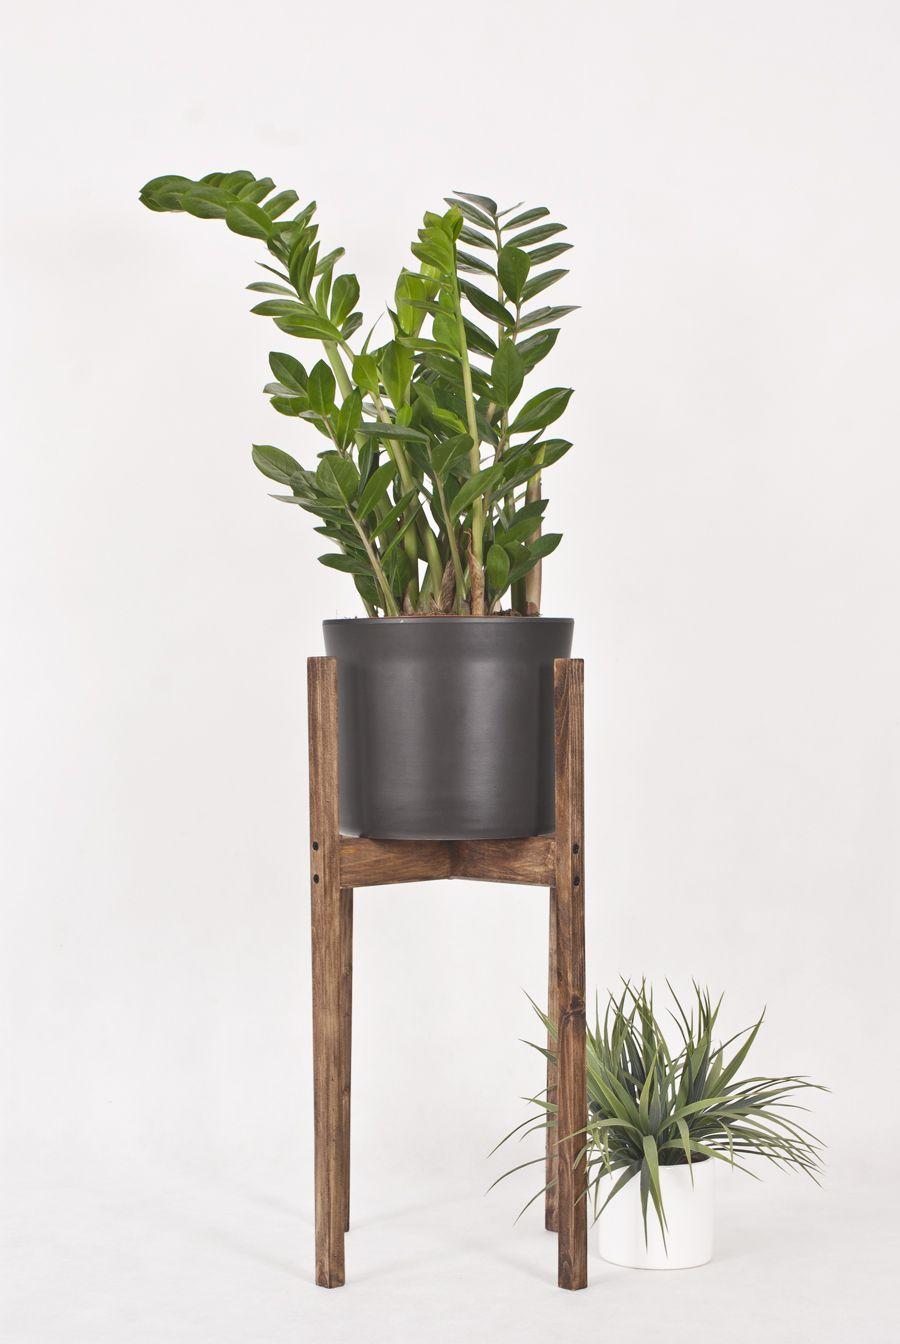 Kwietnik Drewniany Nawet Za 15zł Dekoratorium Blog Diy